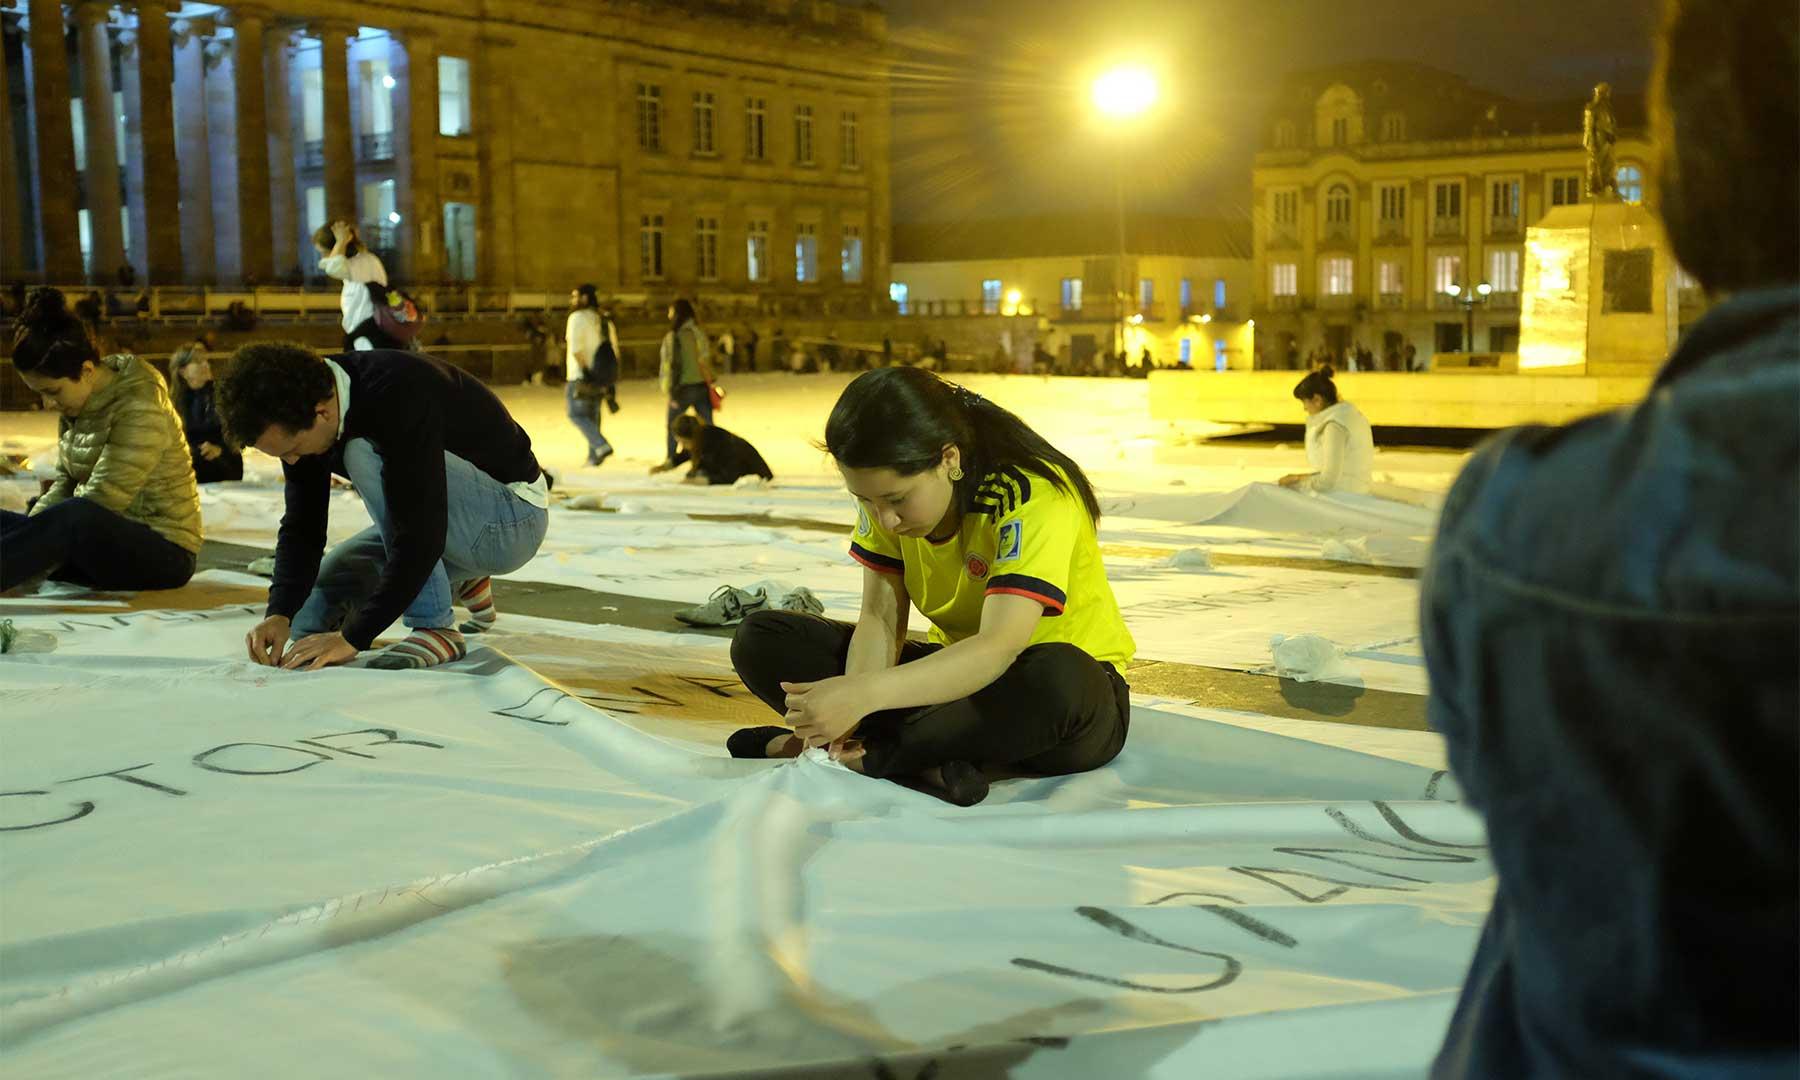 """Más de 3.500 colombianos se reunieron en la Plaza de Bolívar para coser las secciones de una gigantesca bandera blanca, una obra de la artista Doris Salcedo denominada """"Sumando ausencias""""."""